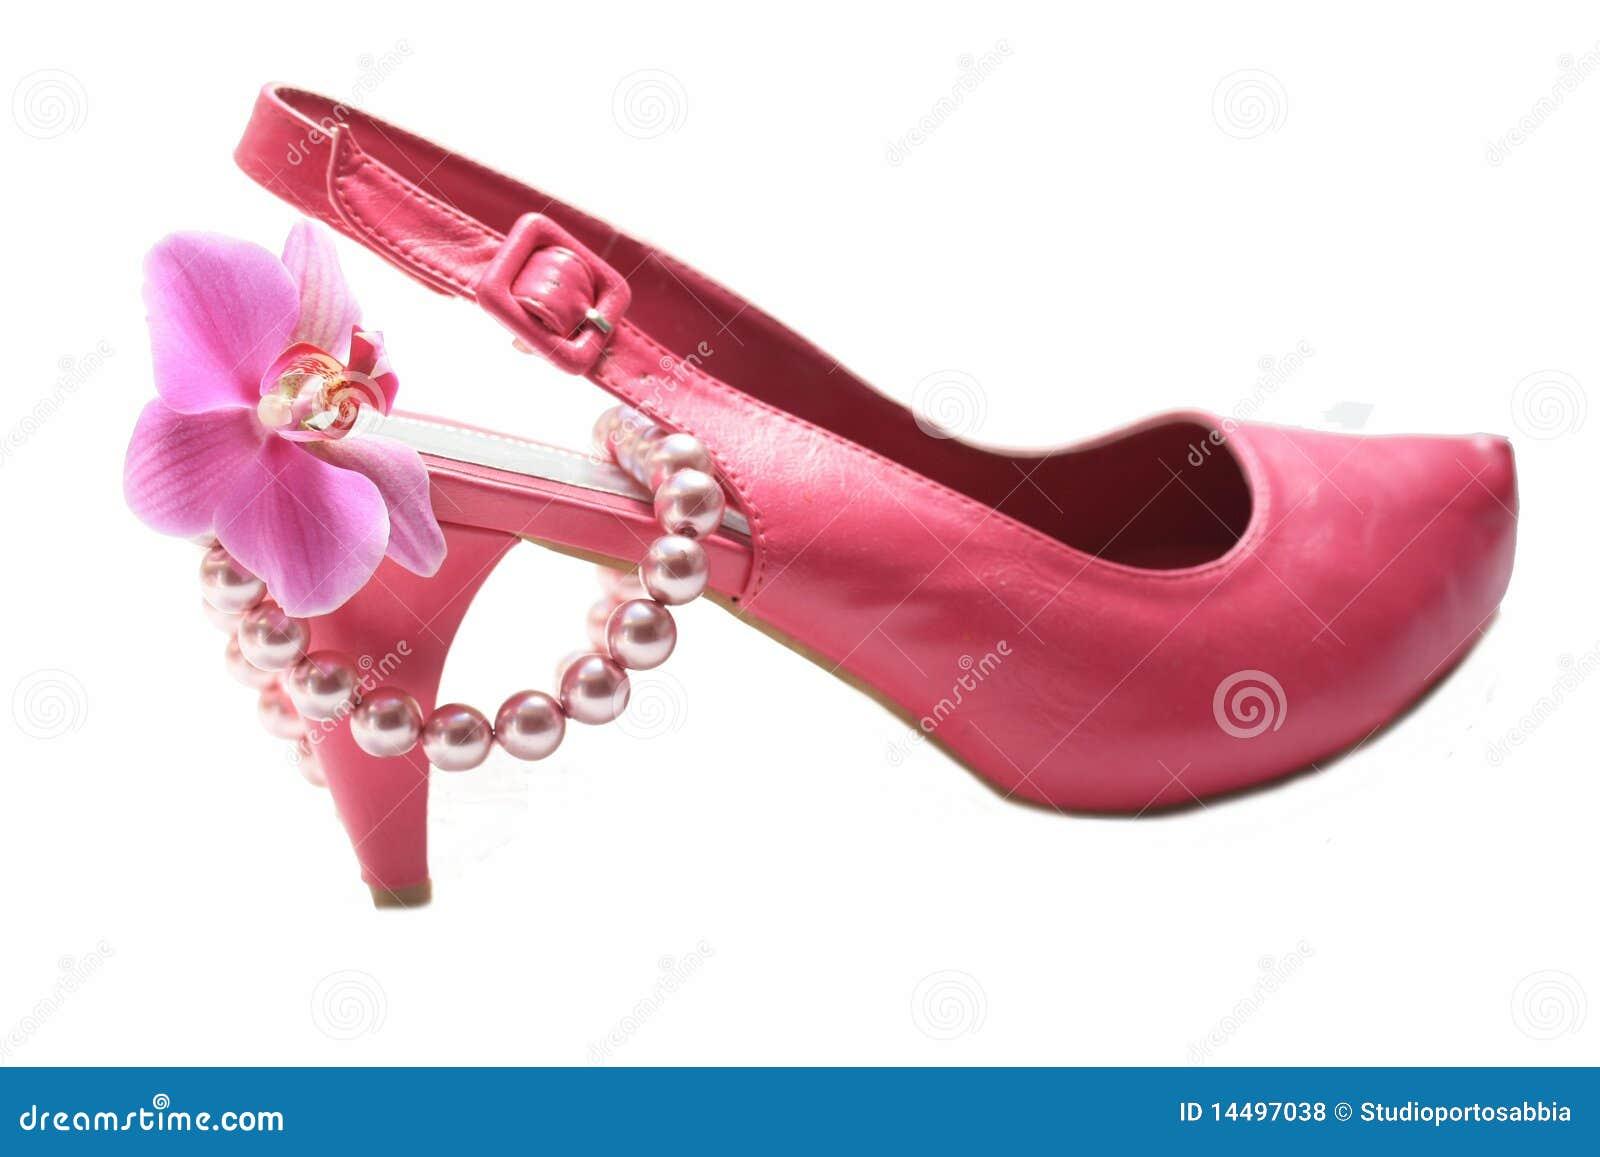 Pink fashionista accessories